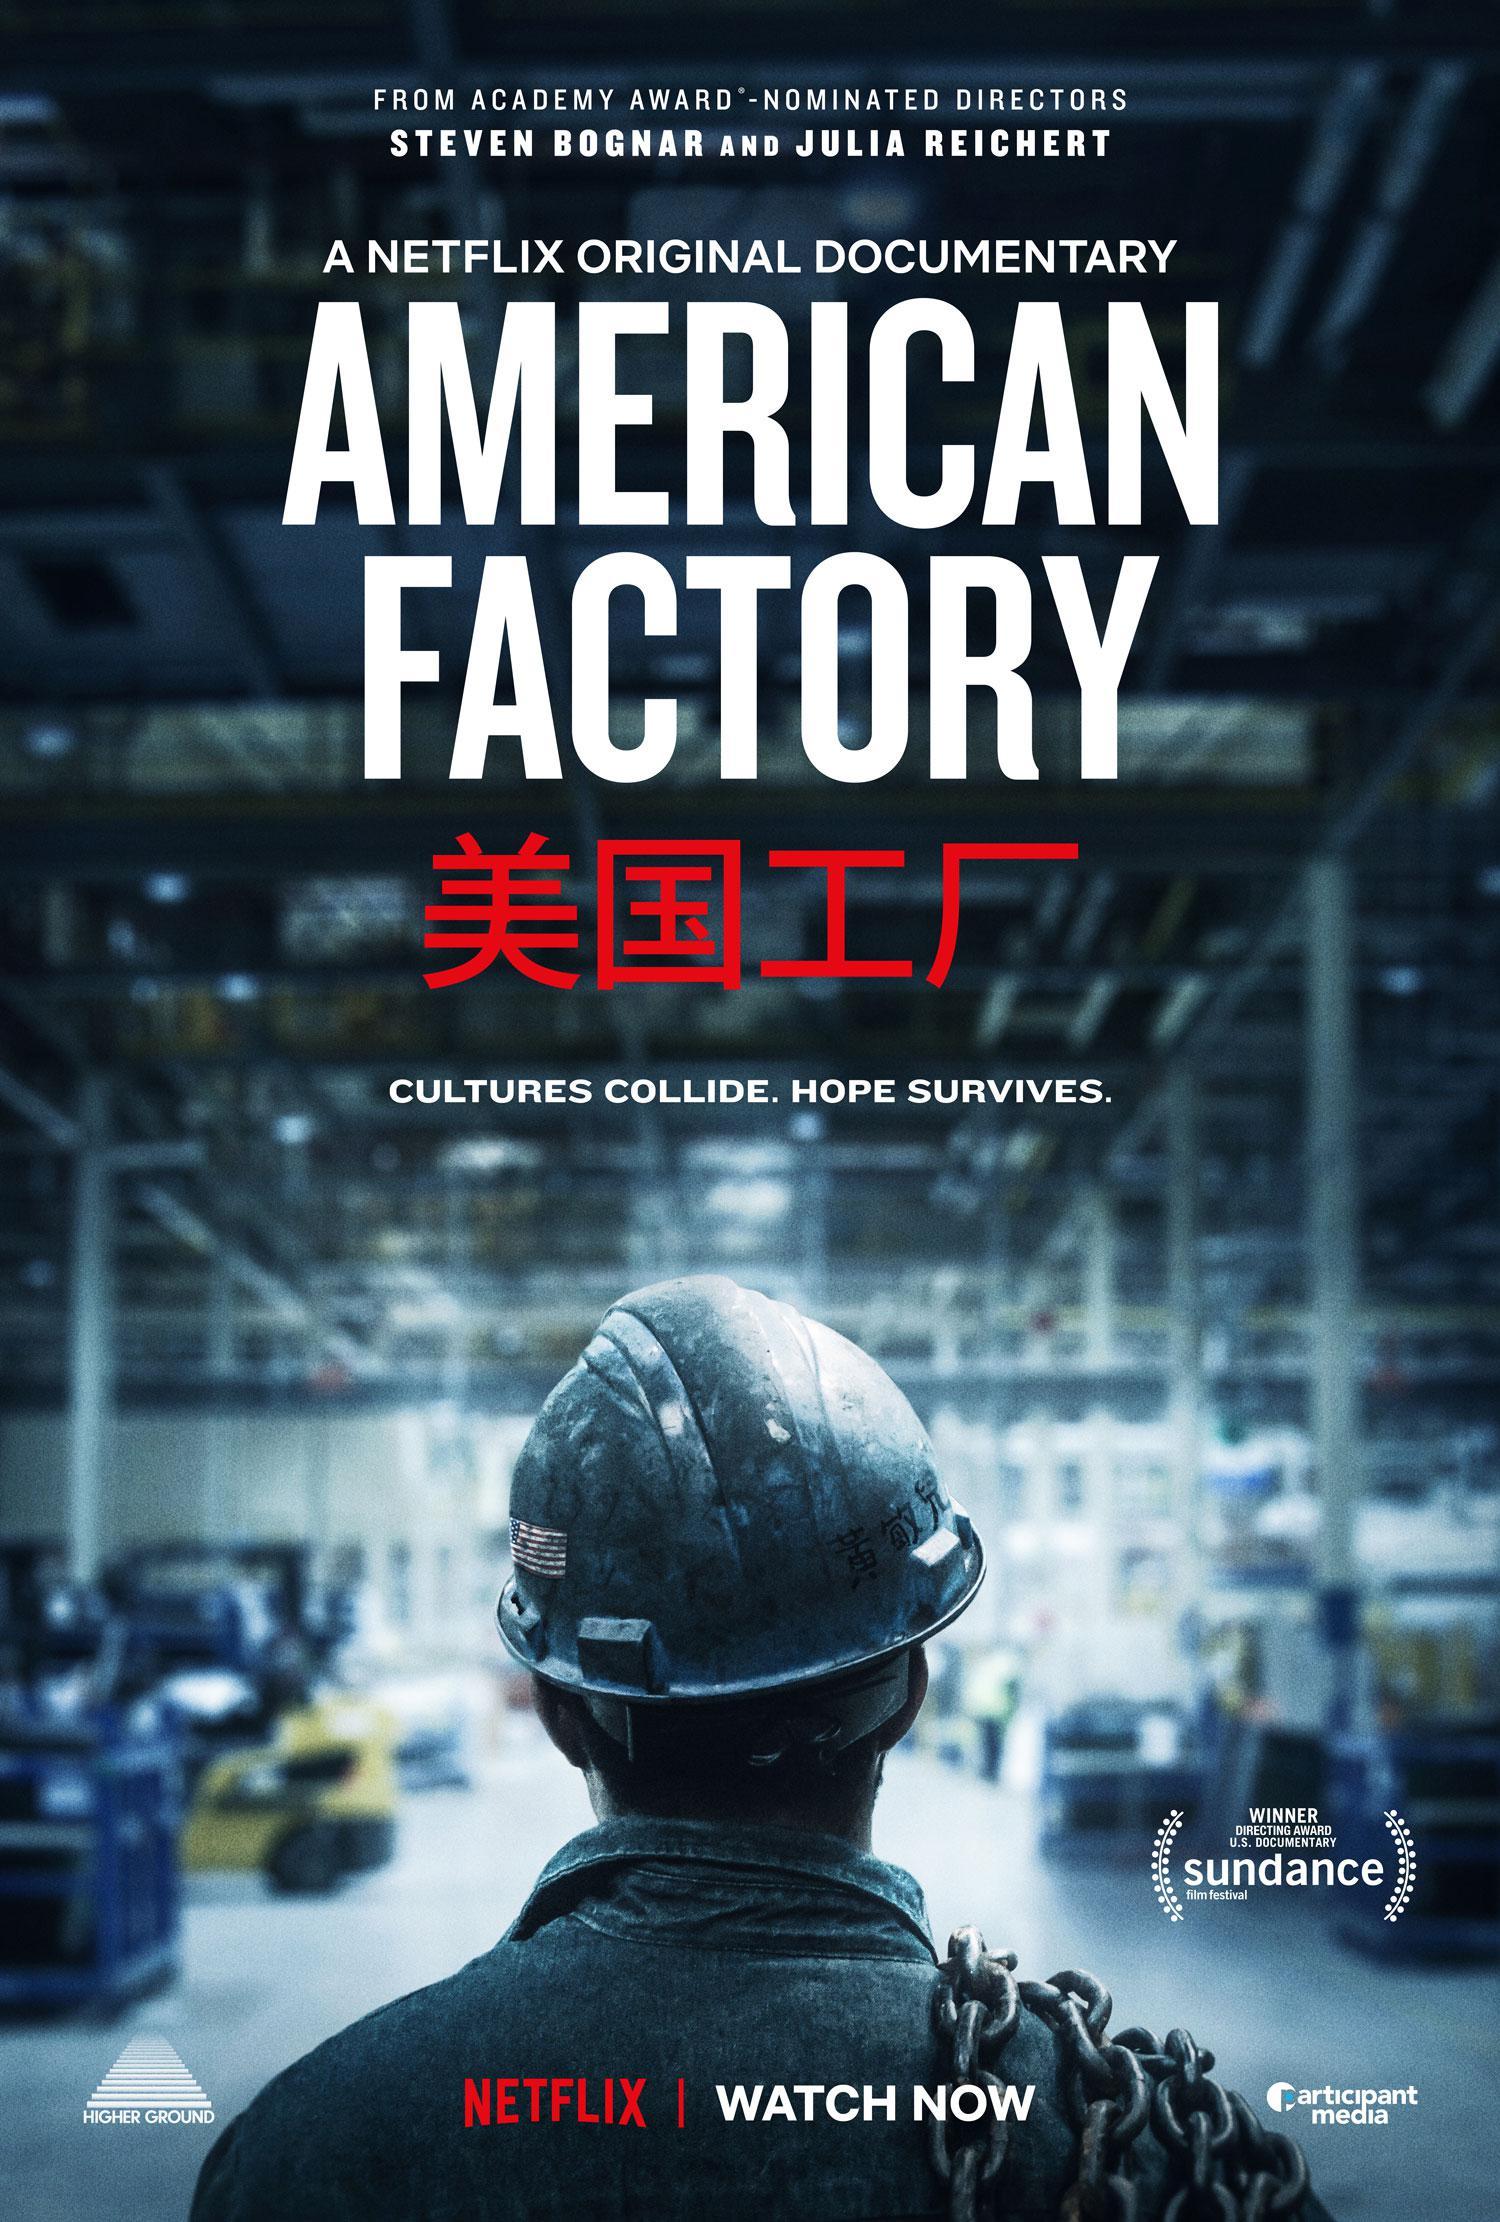 美国商业杂志《Inc》精选2019年10大商业电影,《极速车王》、《美国工厂》上榜插图(1)